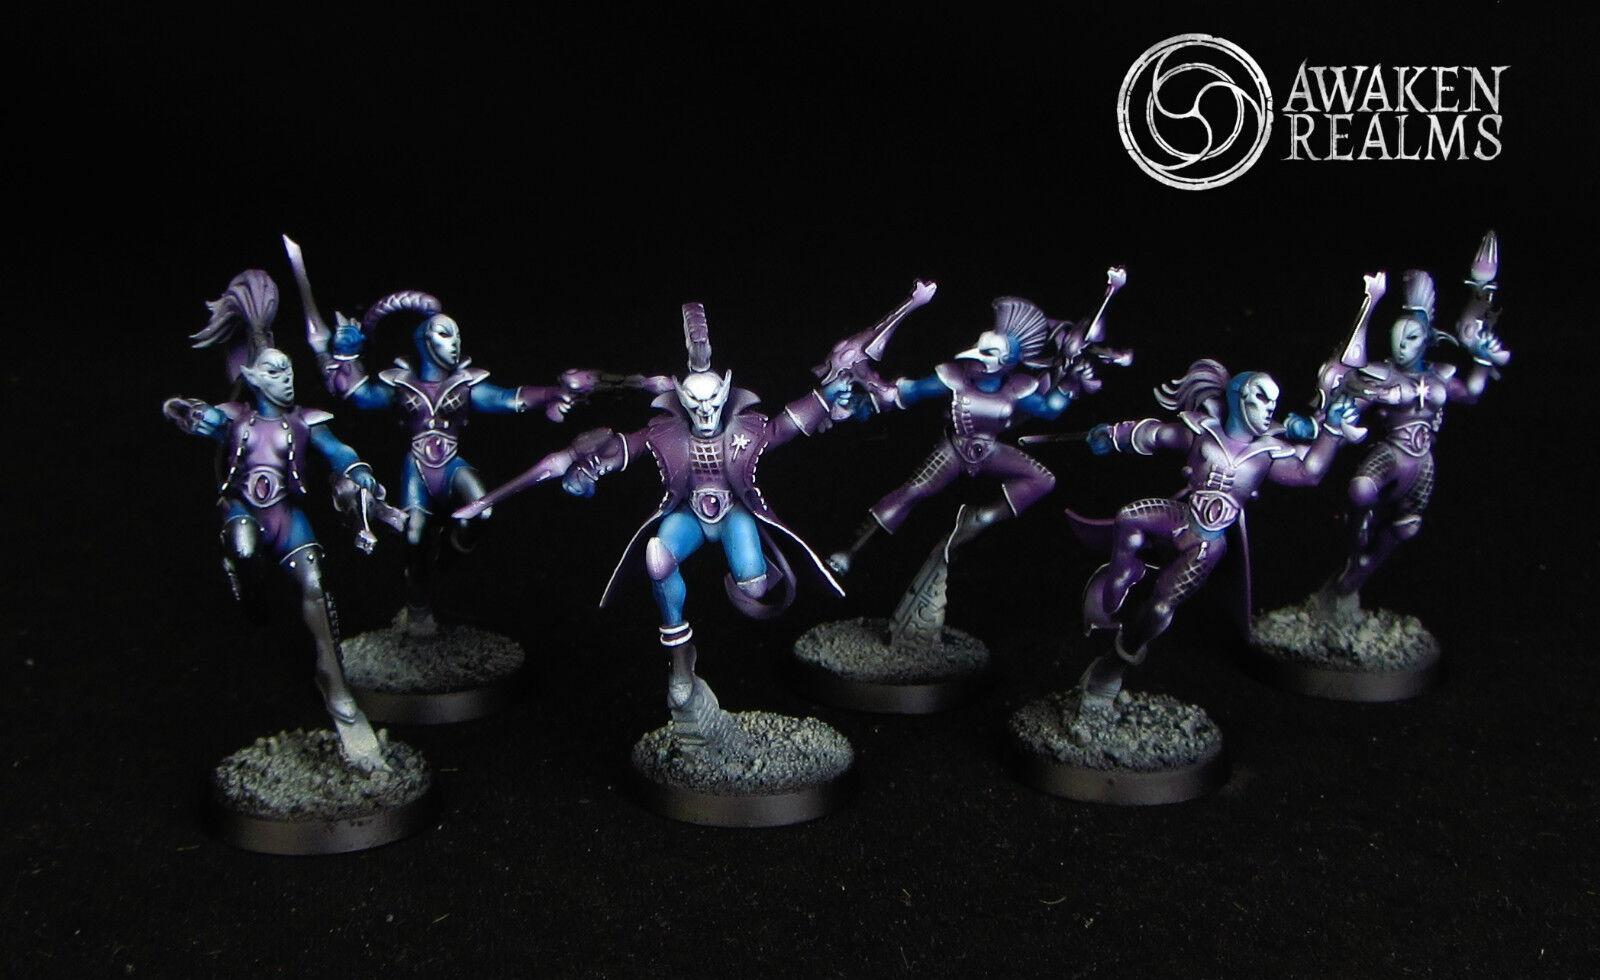 Warhammer 40K Eldar Harlequins (commission)